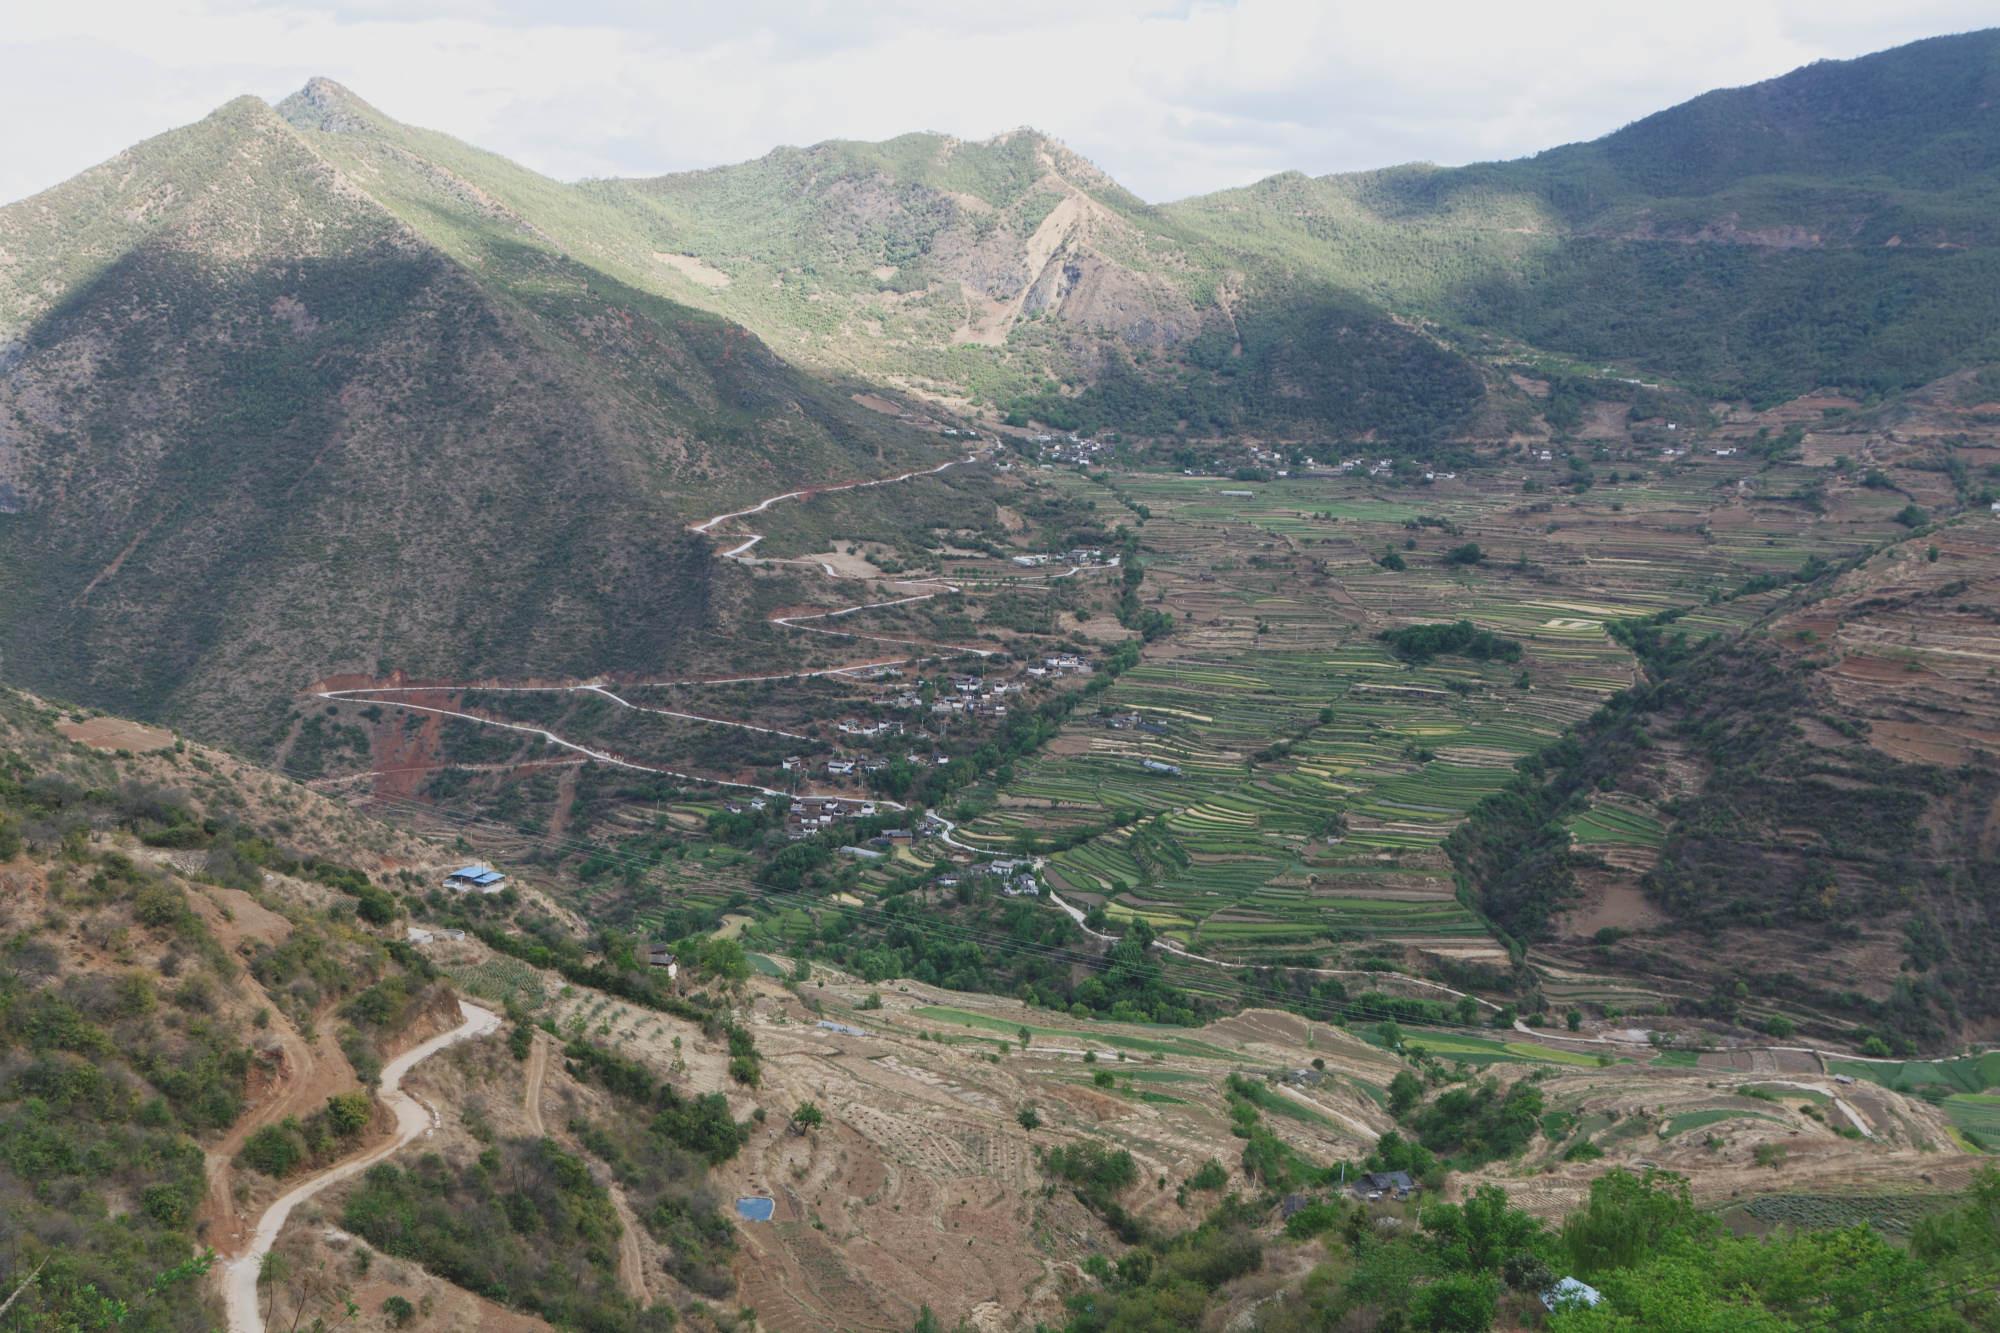 Vallée et cultures en terrasses